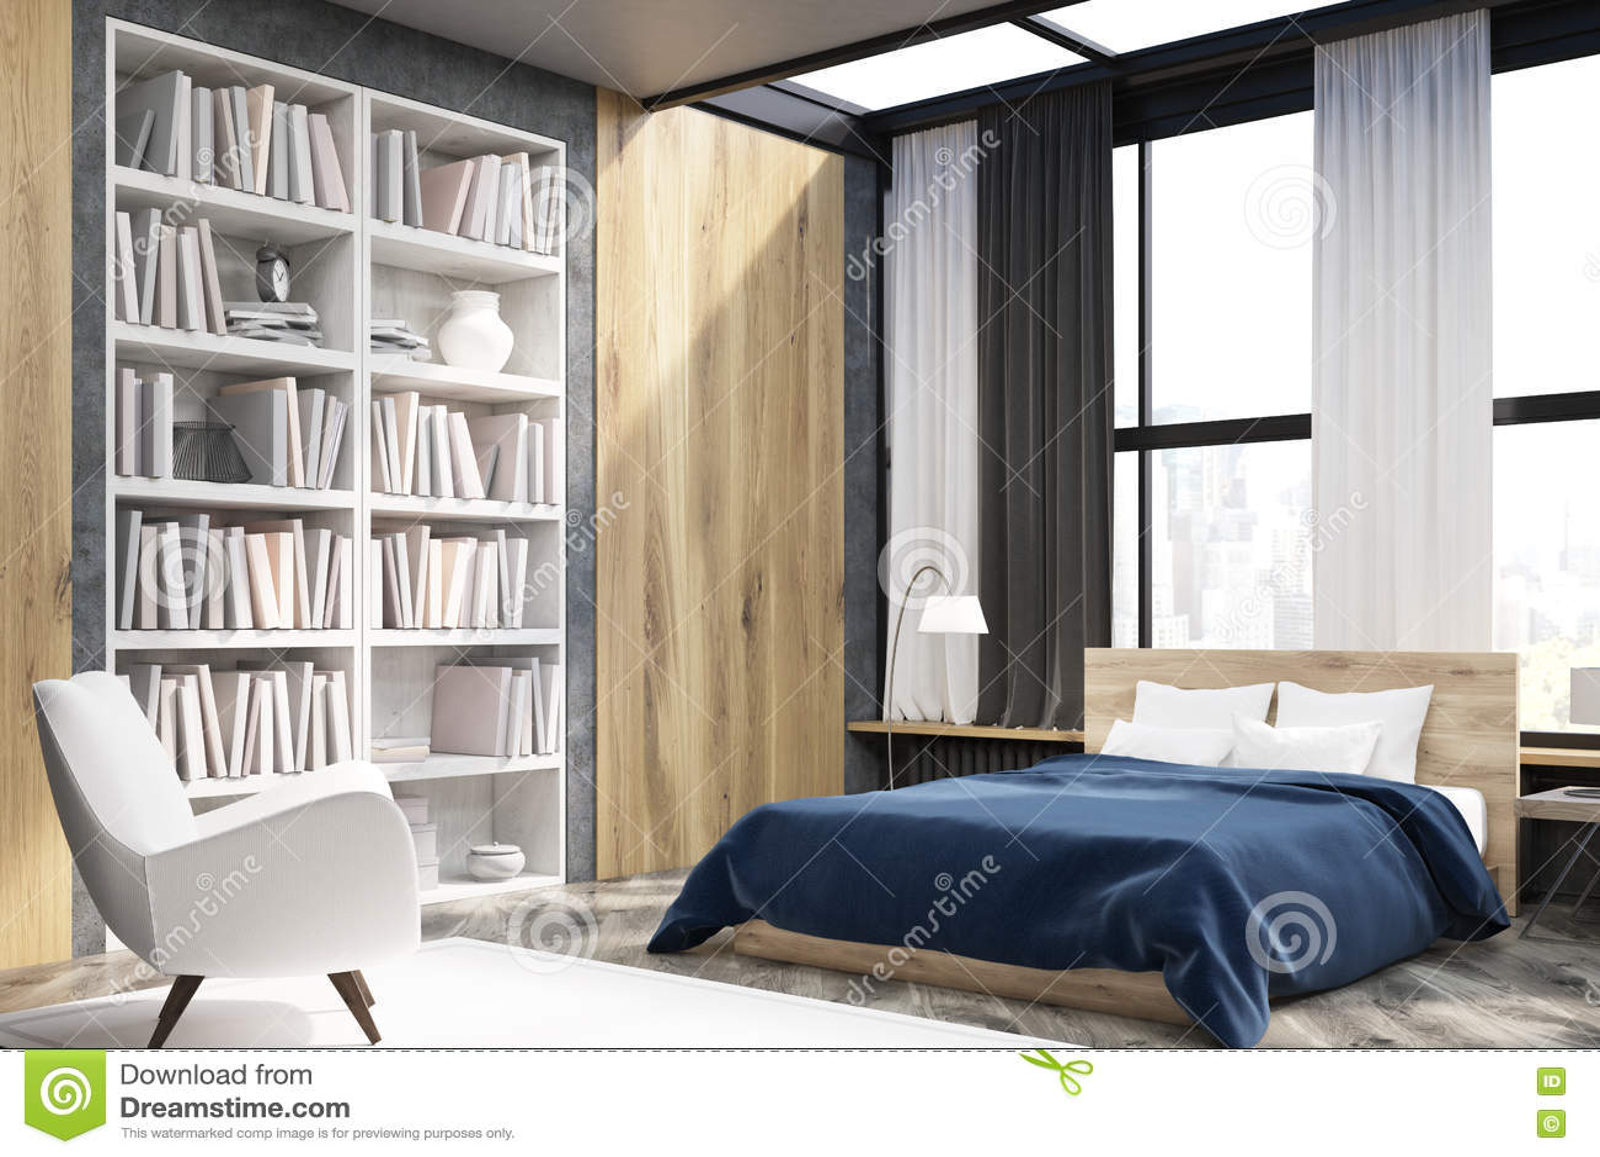 Hoek van slaapkamerbinnenland met boekenkast